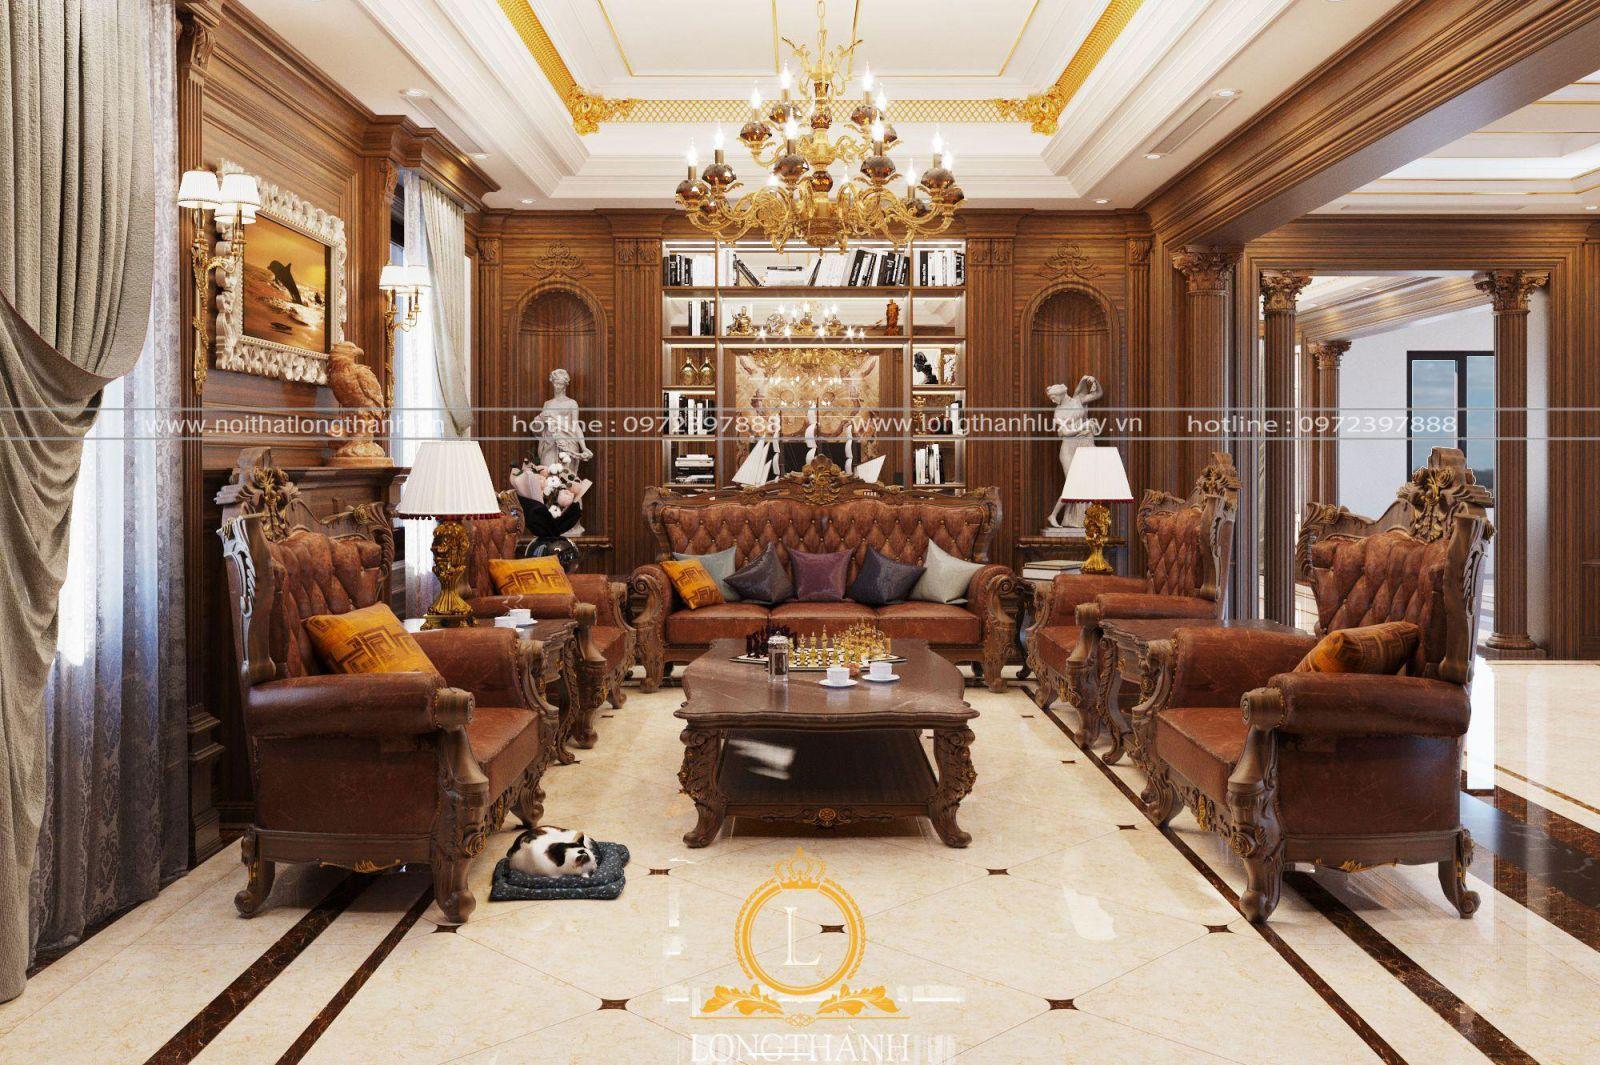 Sofa nhung đang được nhiều người yêu thích lựa chọn cho phòng khách